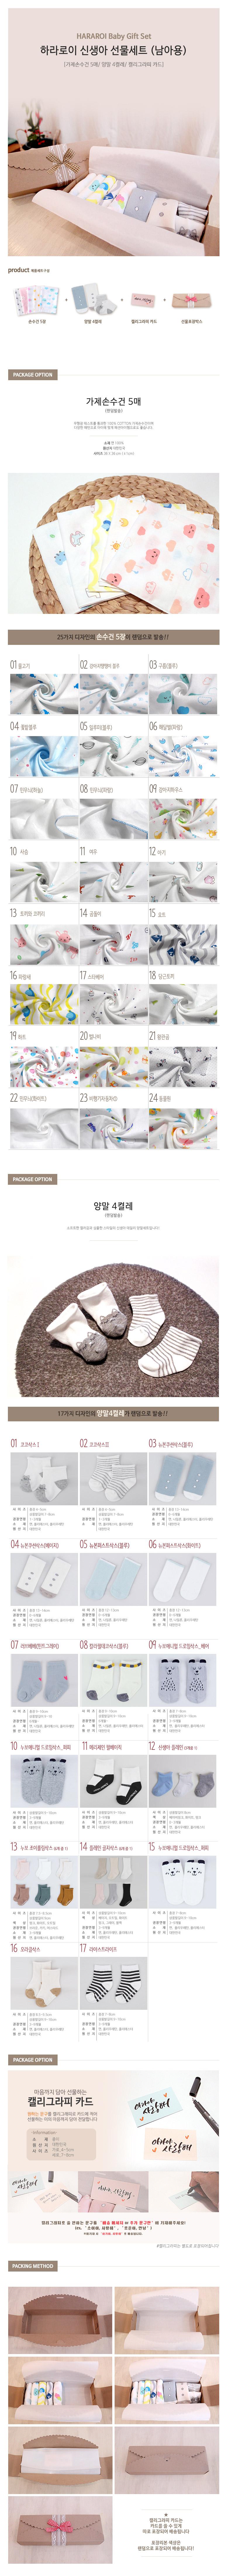 하라로이 신생아 선물세트(남아용) - 아바드, 19,900원, 신생아용품, 모자/양말